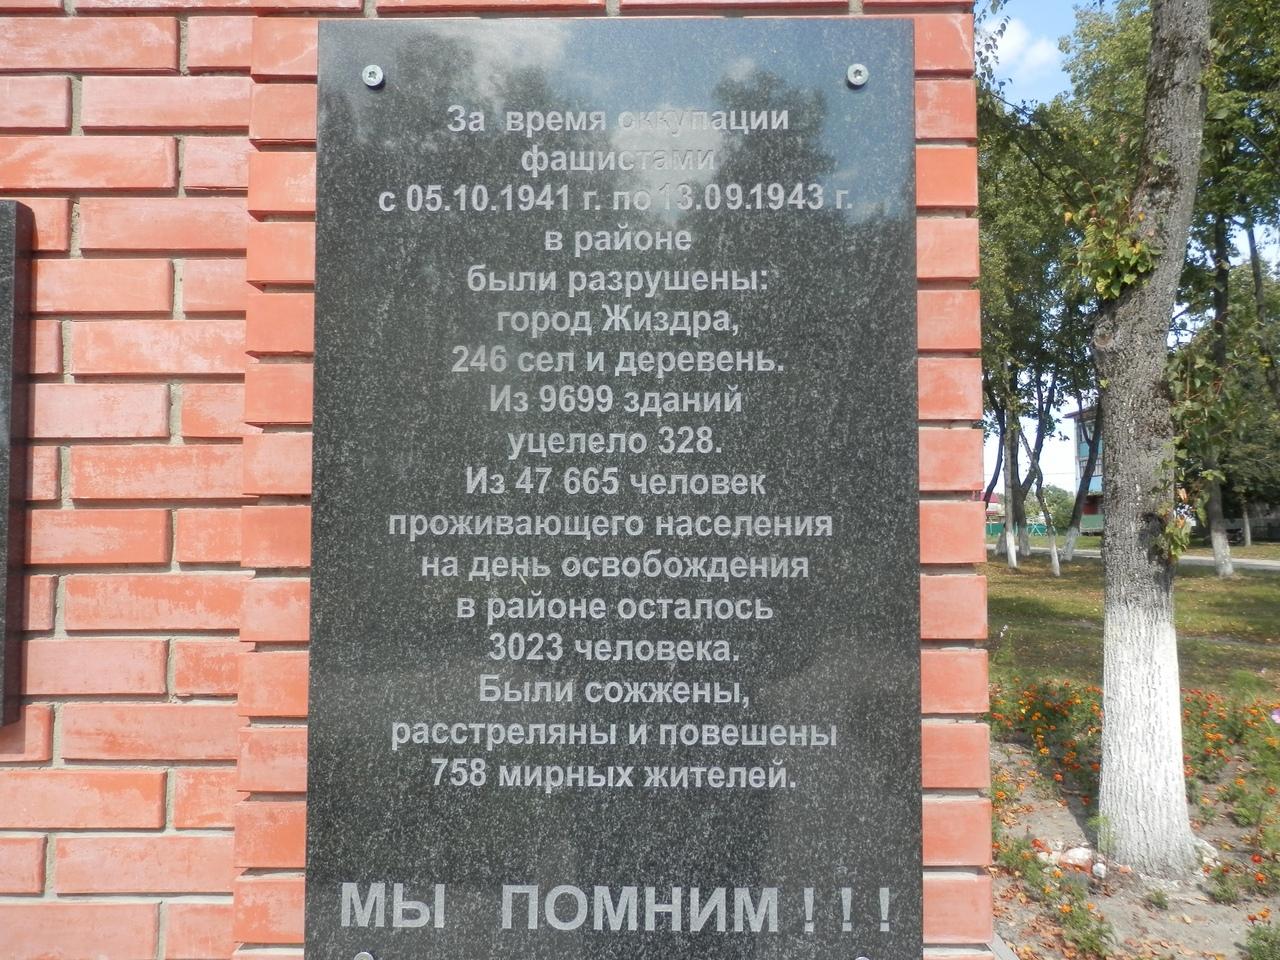 Освобождение Жиздры. 1943 г.  (16-19 августа 2018) 4f1508b5